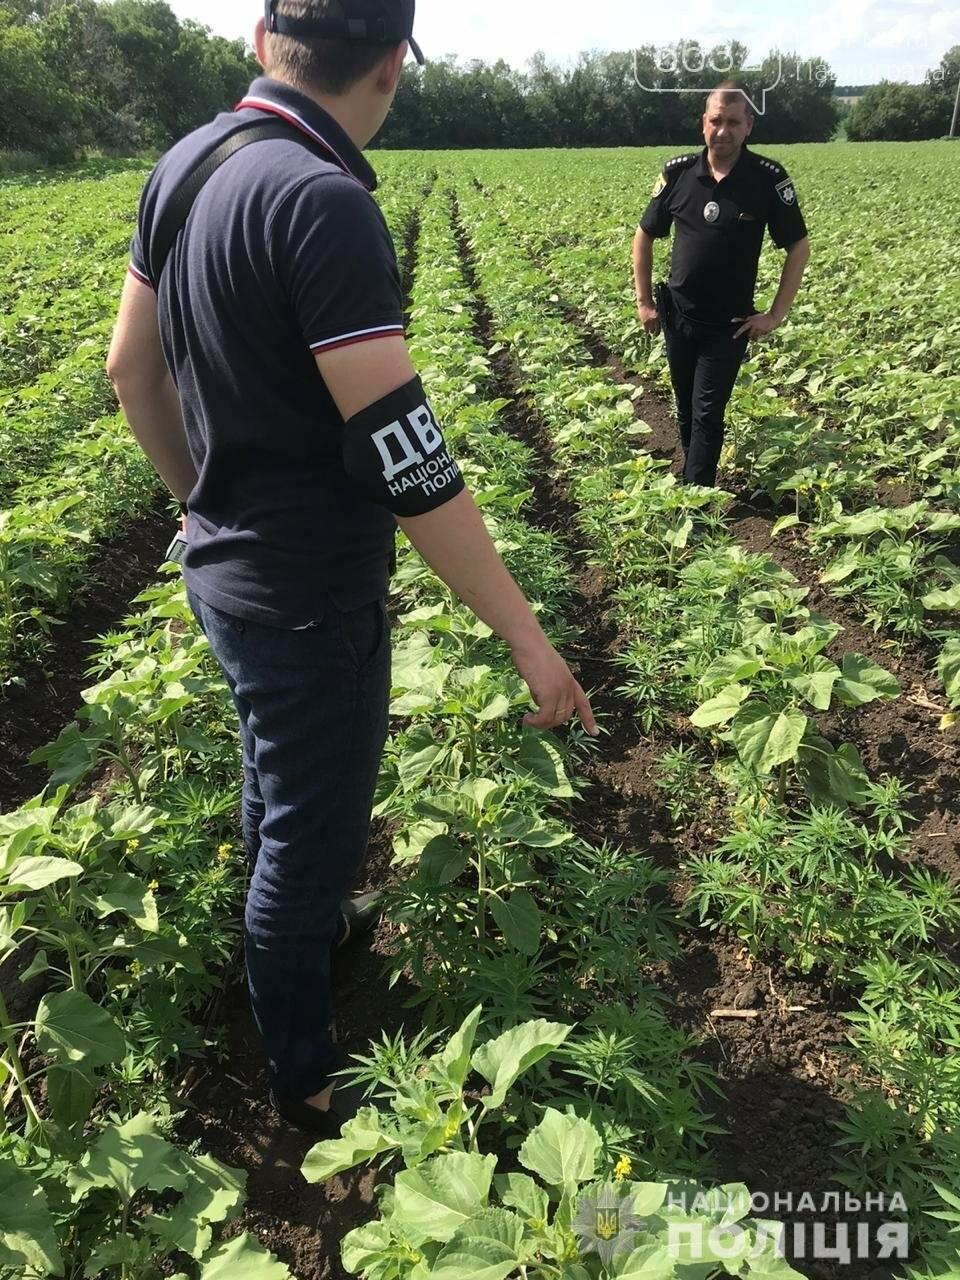 В селе Кочережки Павлоградского района обнаружили целое поле с коноплёй, фото-1